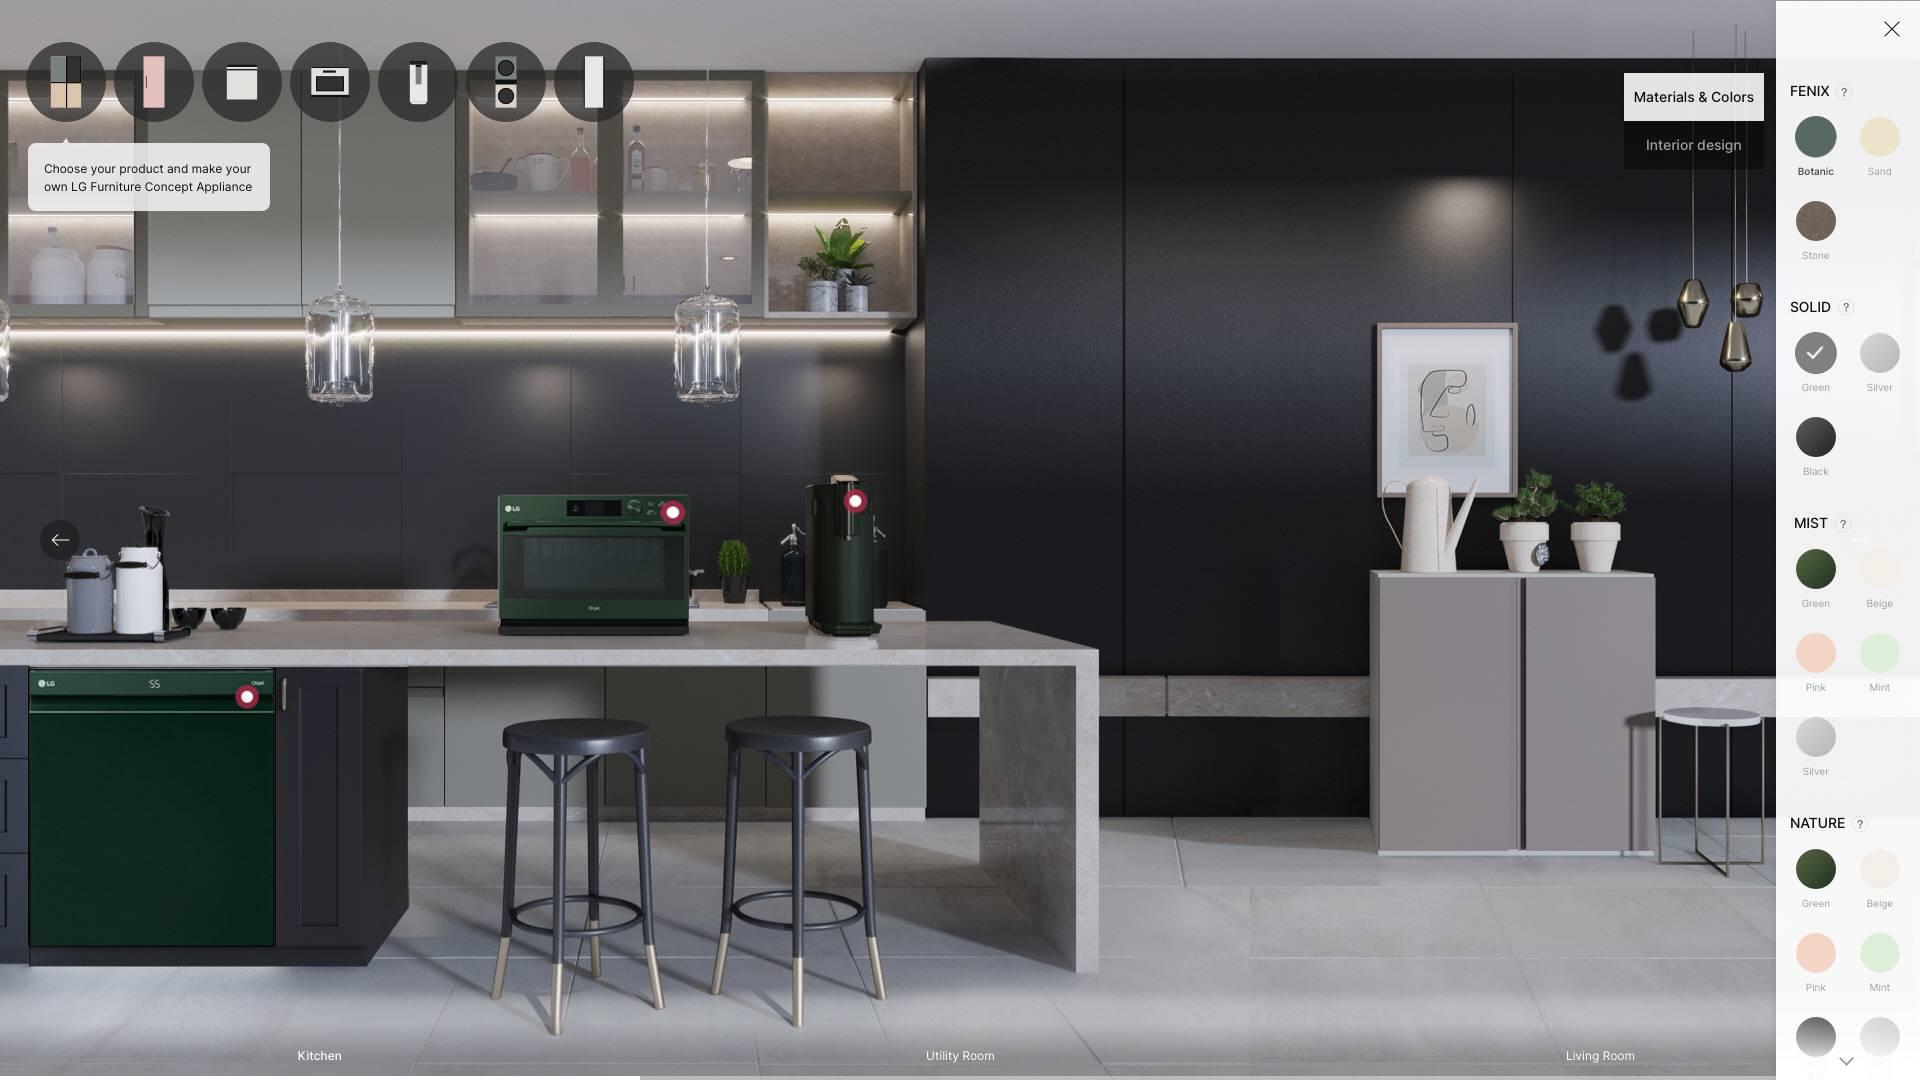 Компания LG представит дизайнерскую технику на выставке CES 2021